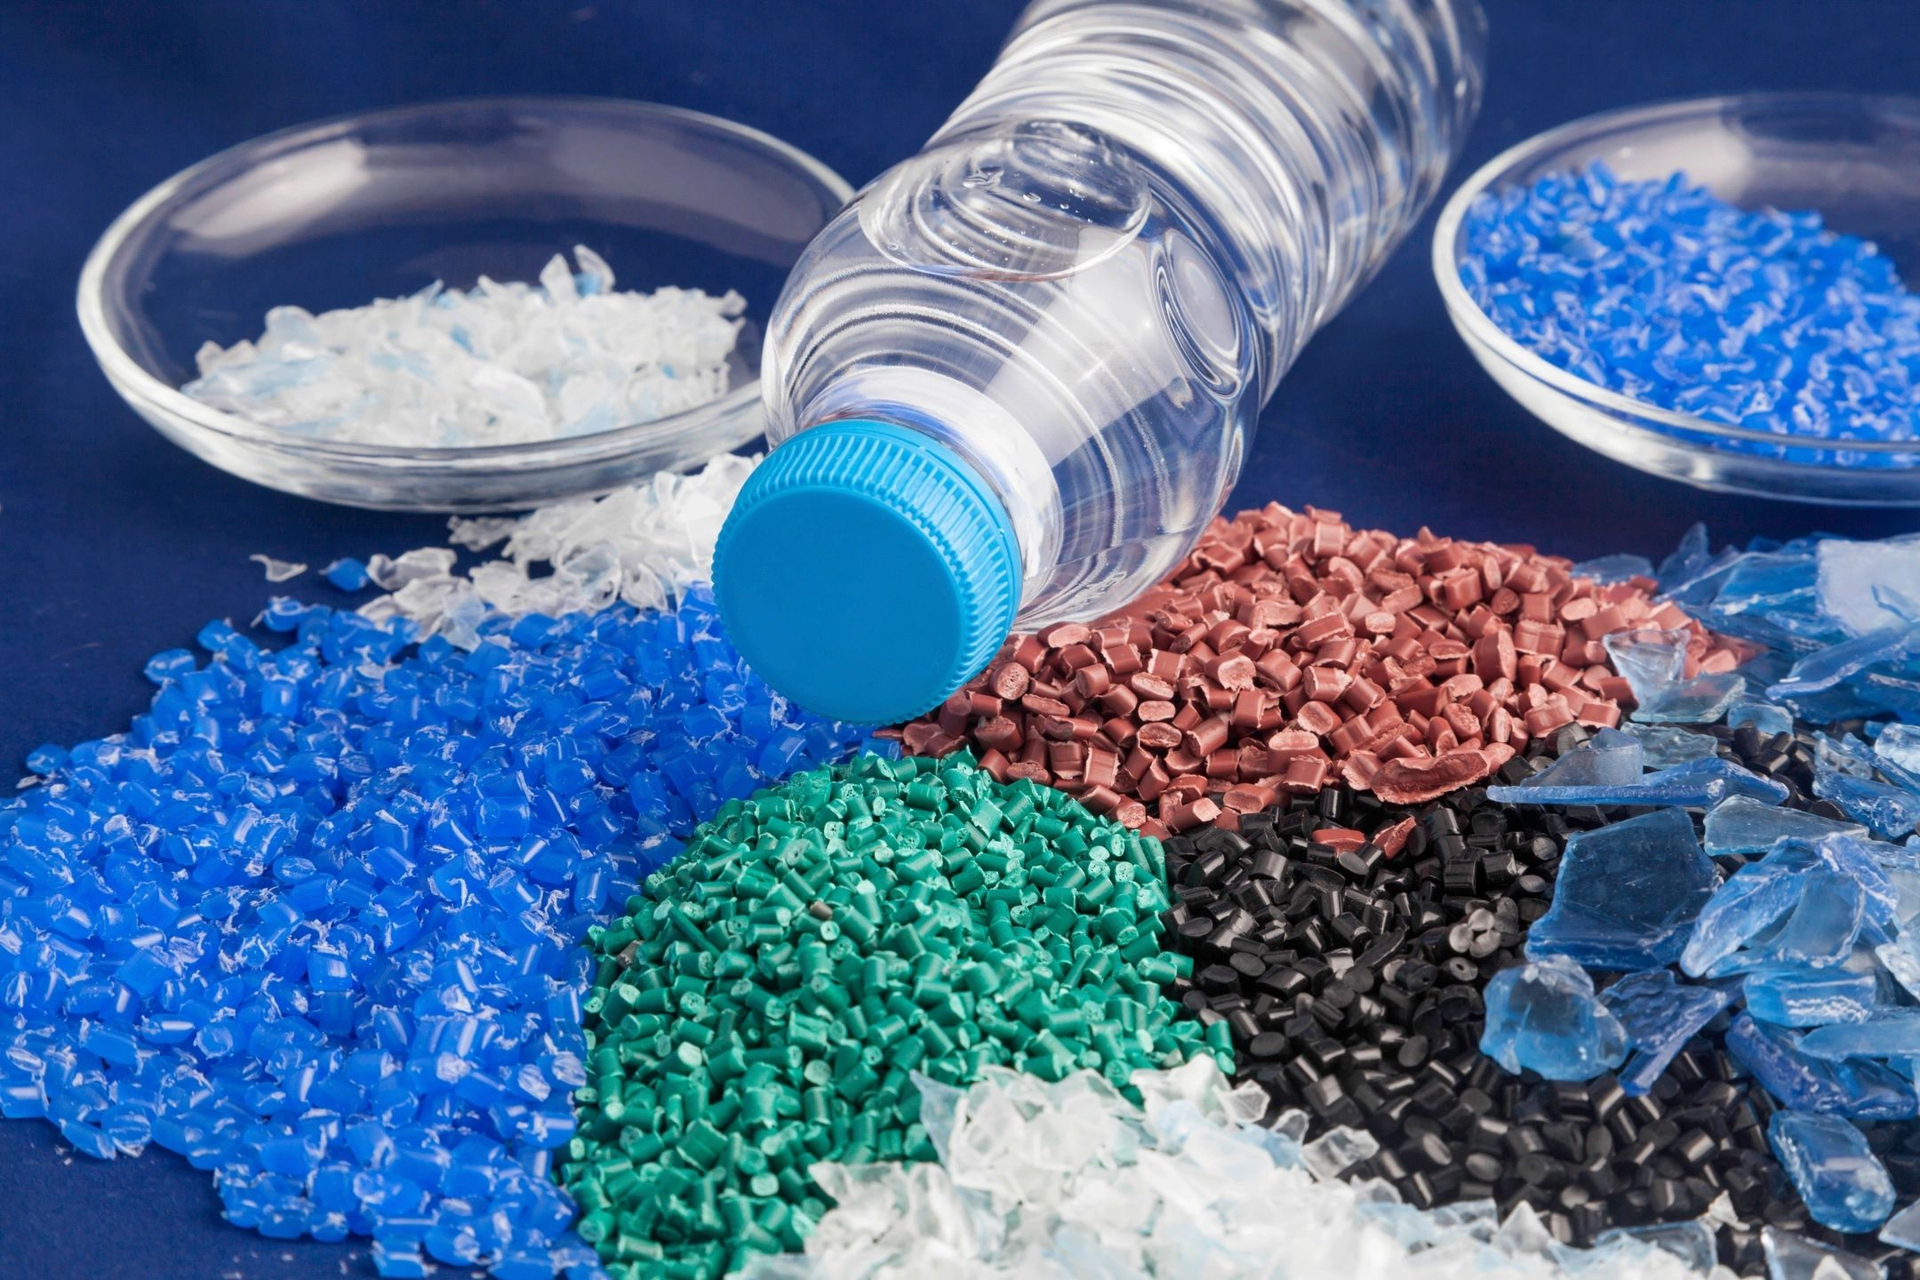 Переработка пластика как способ утилизации полимерных отходов